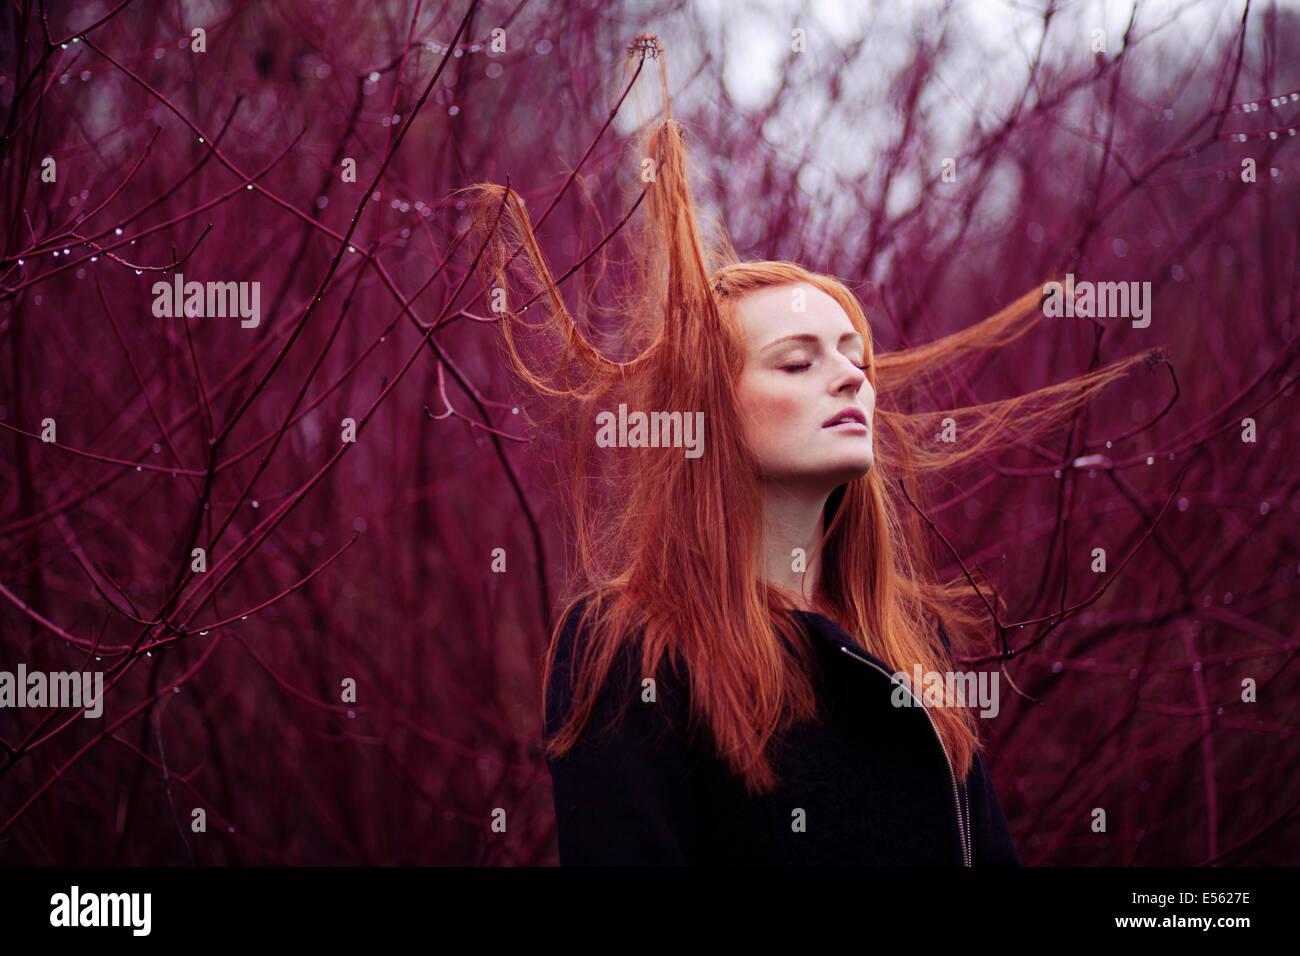 Frau mit langen roten Haaren zwischen Zweigen, Porträt Stockbild